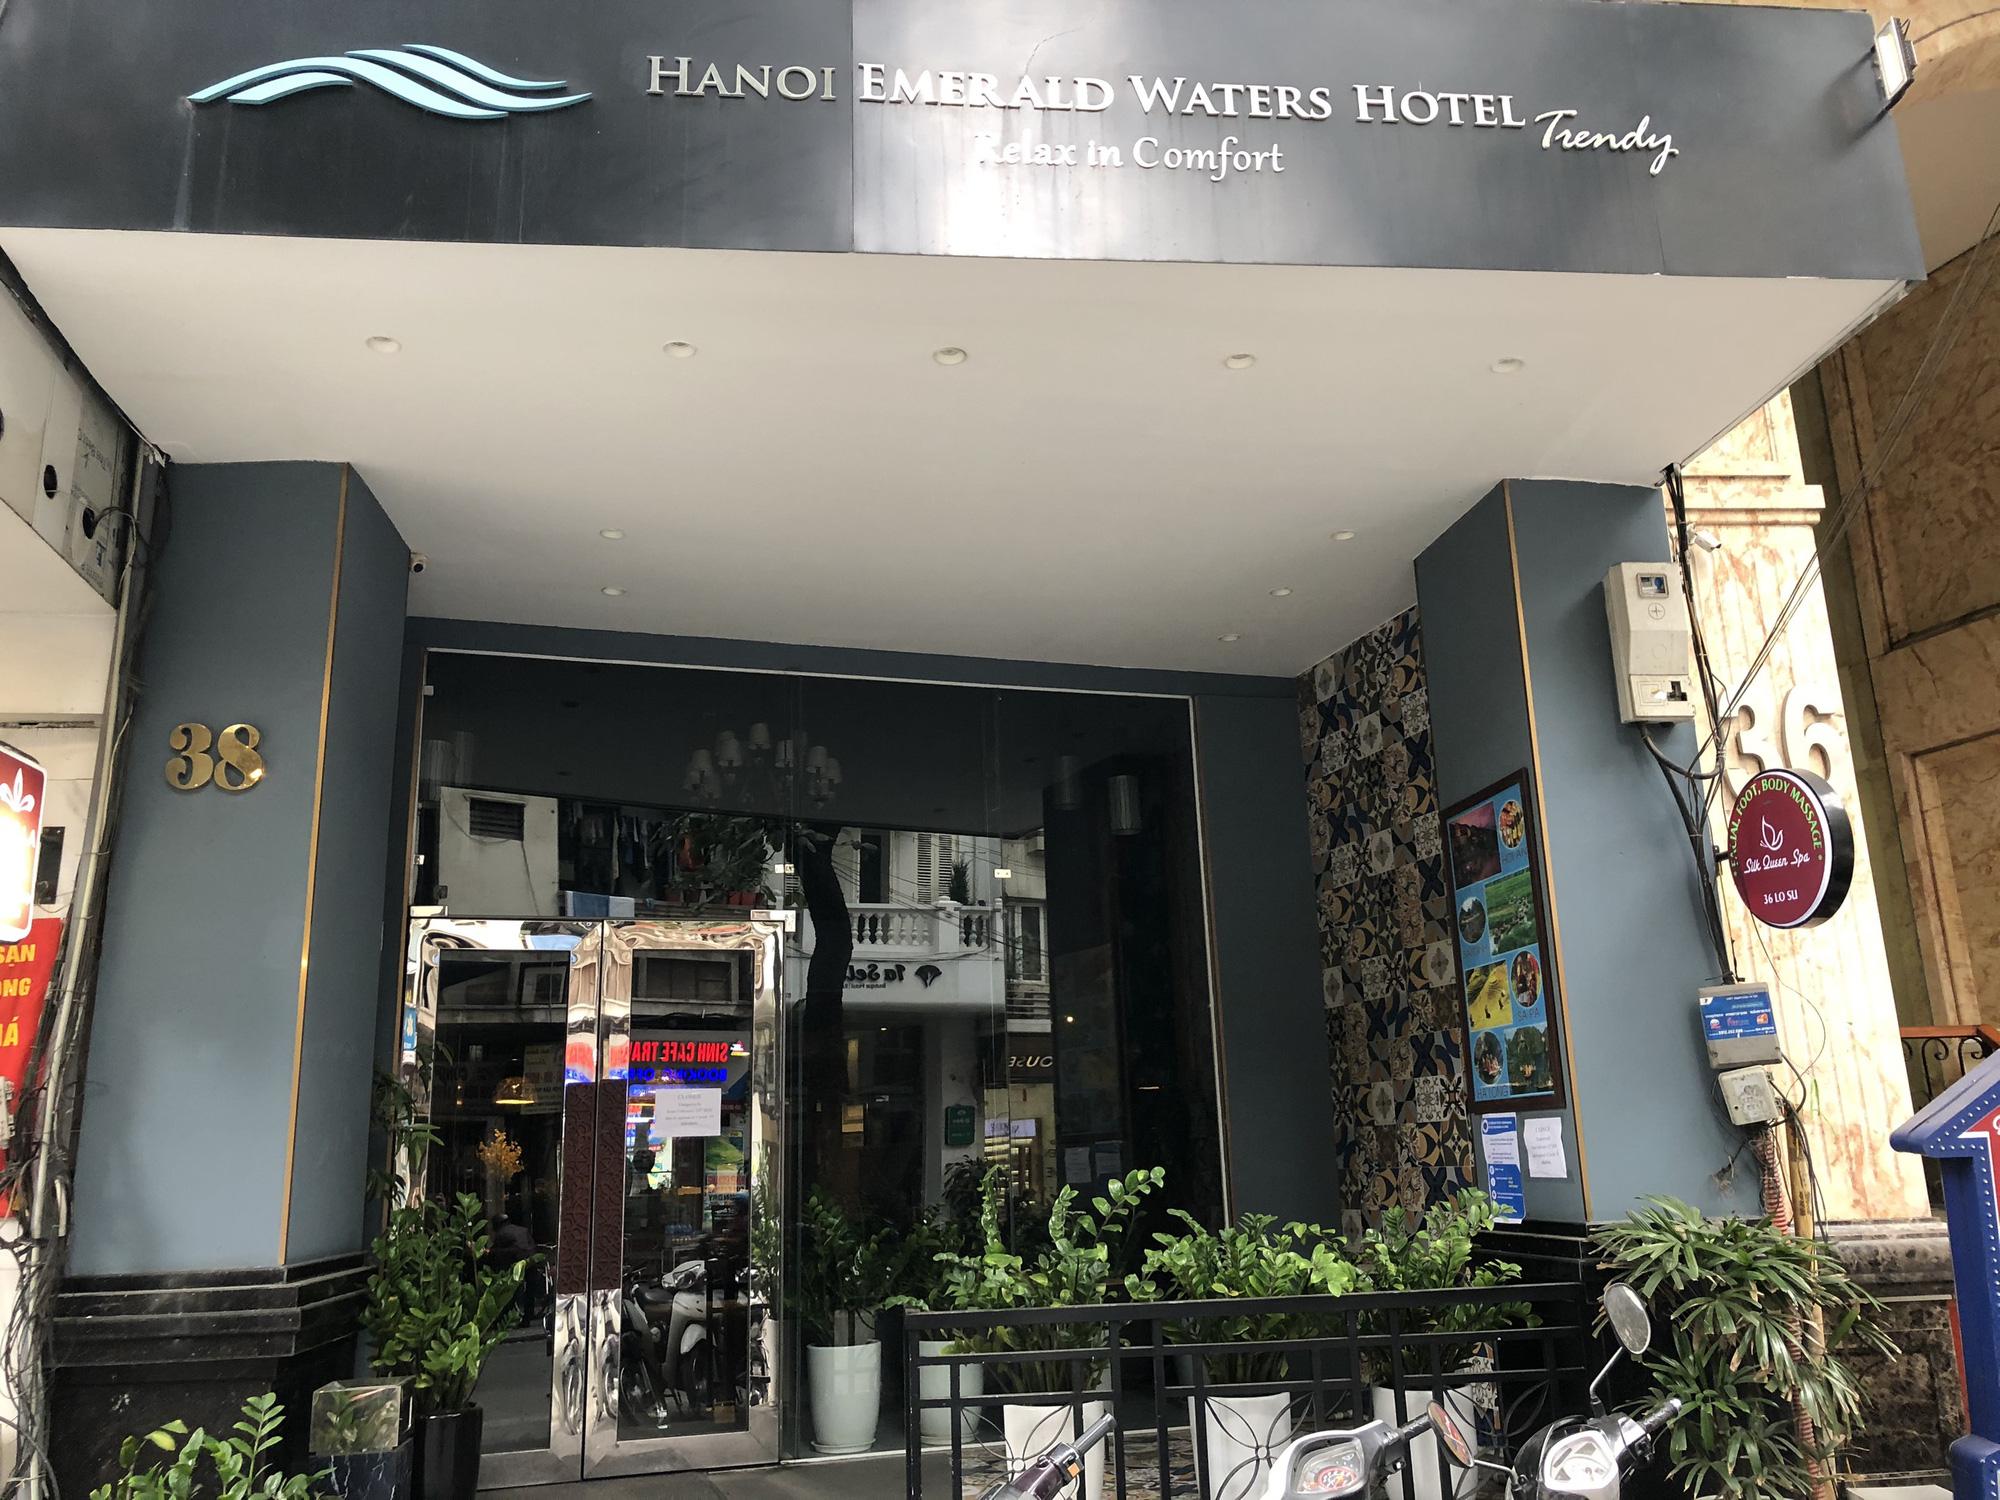 Hàng loạt khách sạn phố cổ Hà Nội đóng cửa, nhiều nơi giảm giá đến 60% để hút khách giữa mùa dịch virus corona - Ảnh 1.